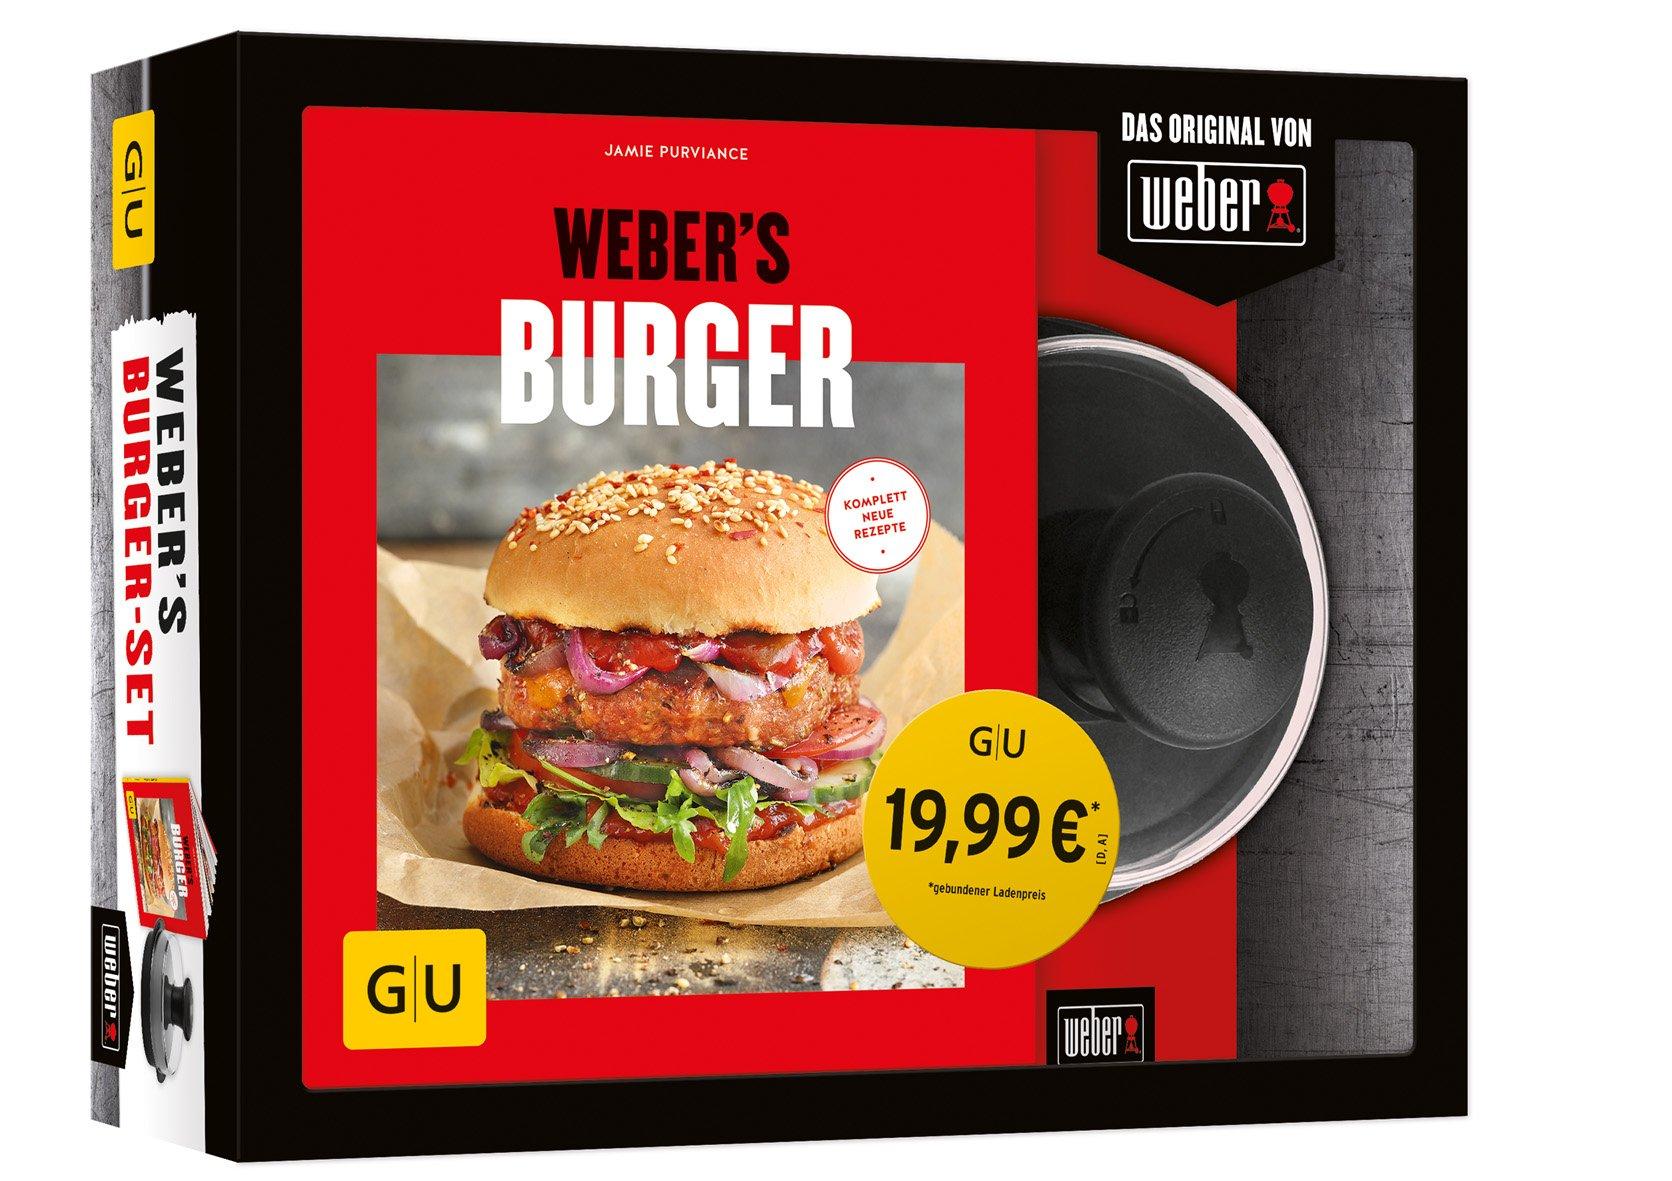 Webers Burger-Set: Amazon.es: Jamie Purviance: Libros en idiomas extranjeros